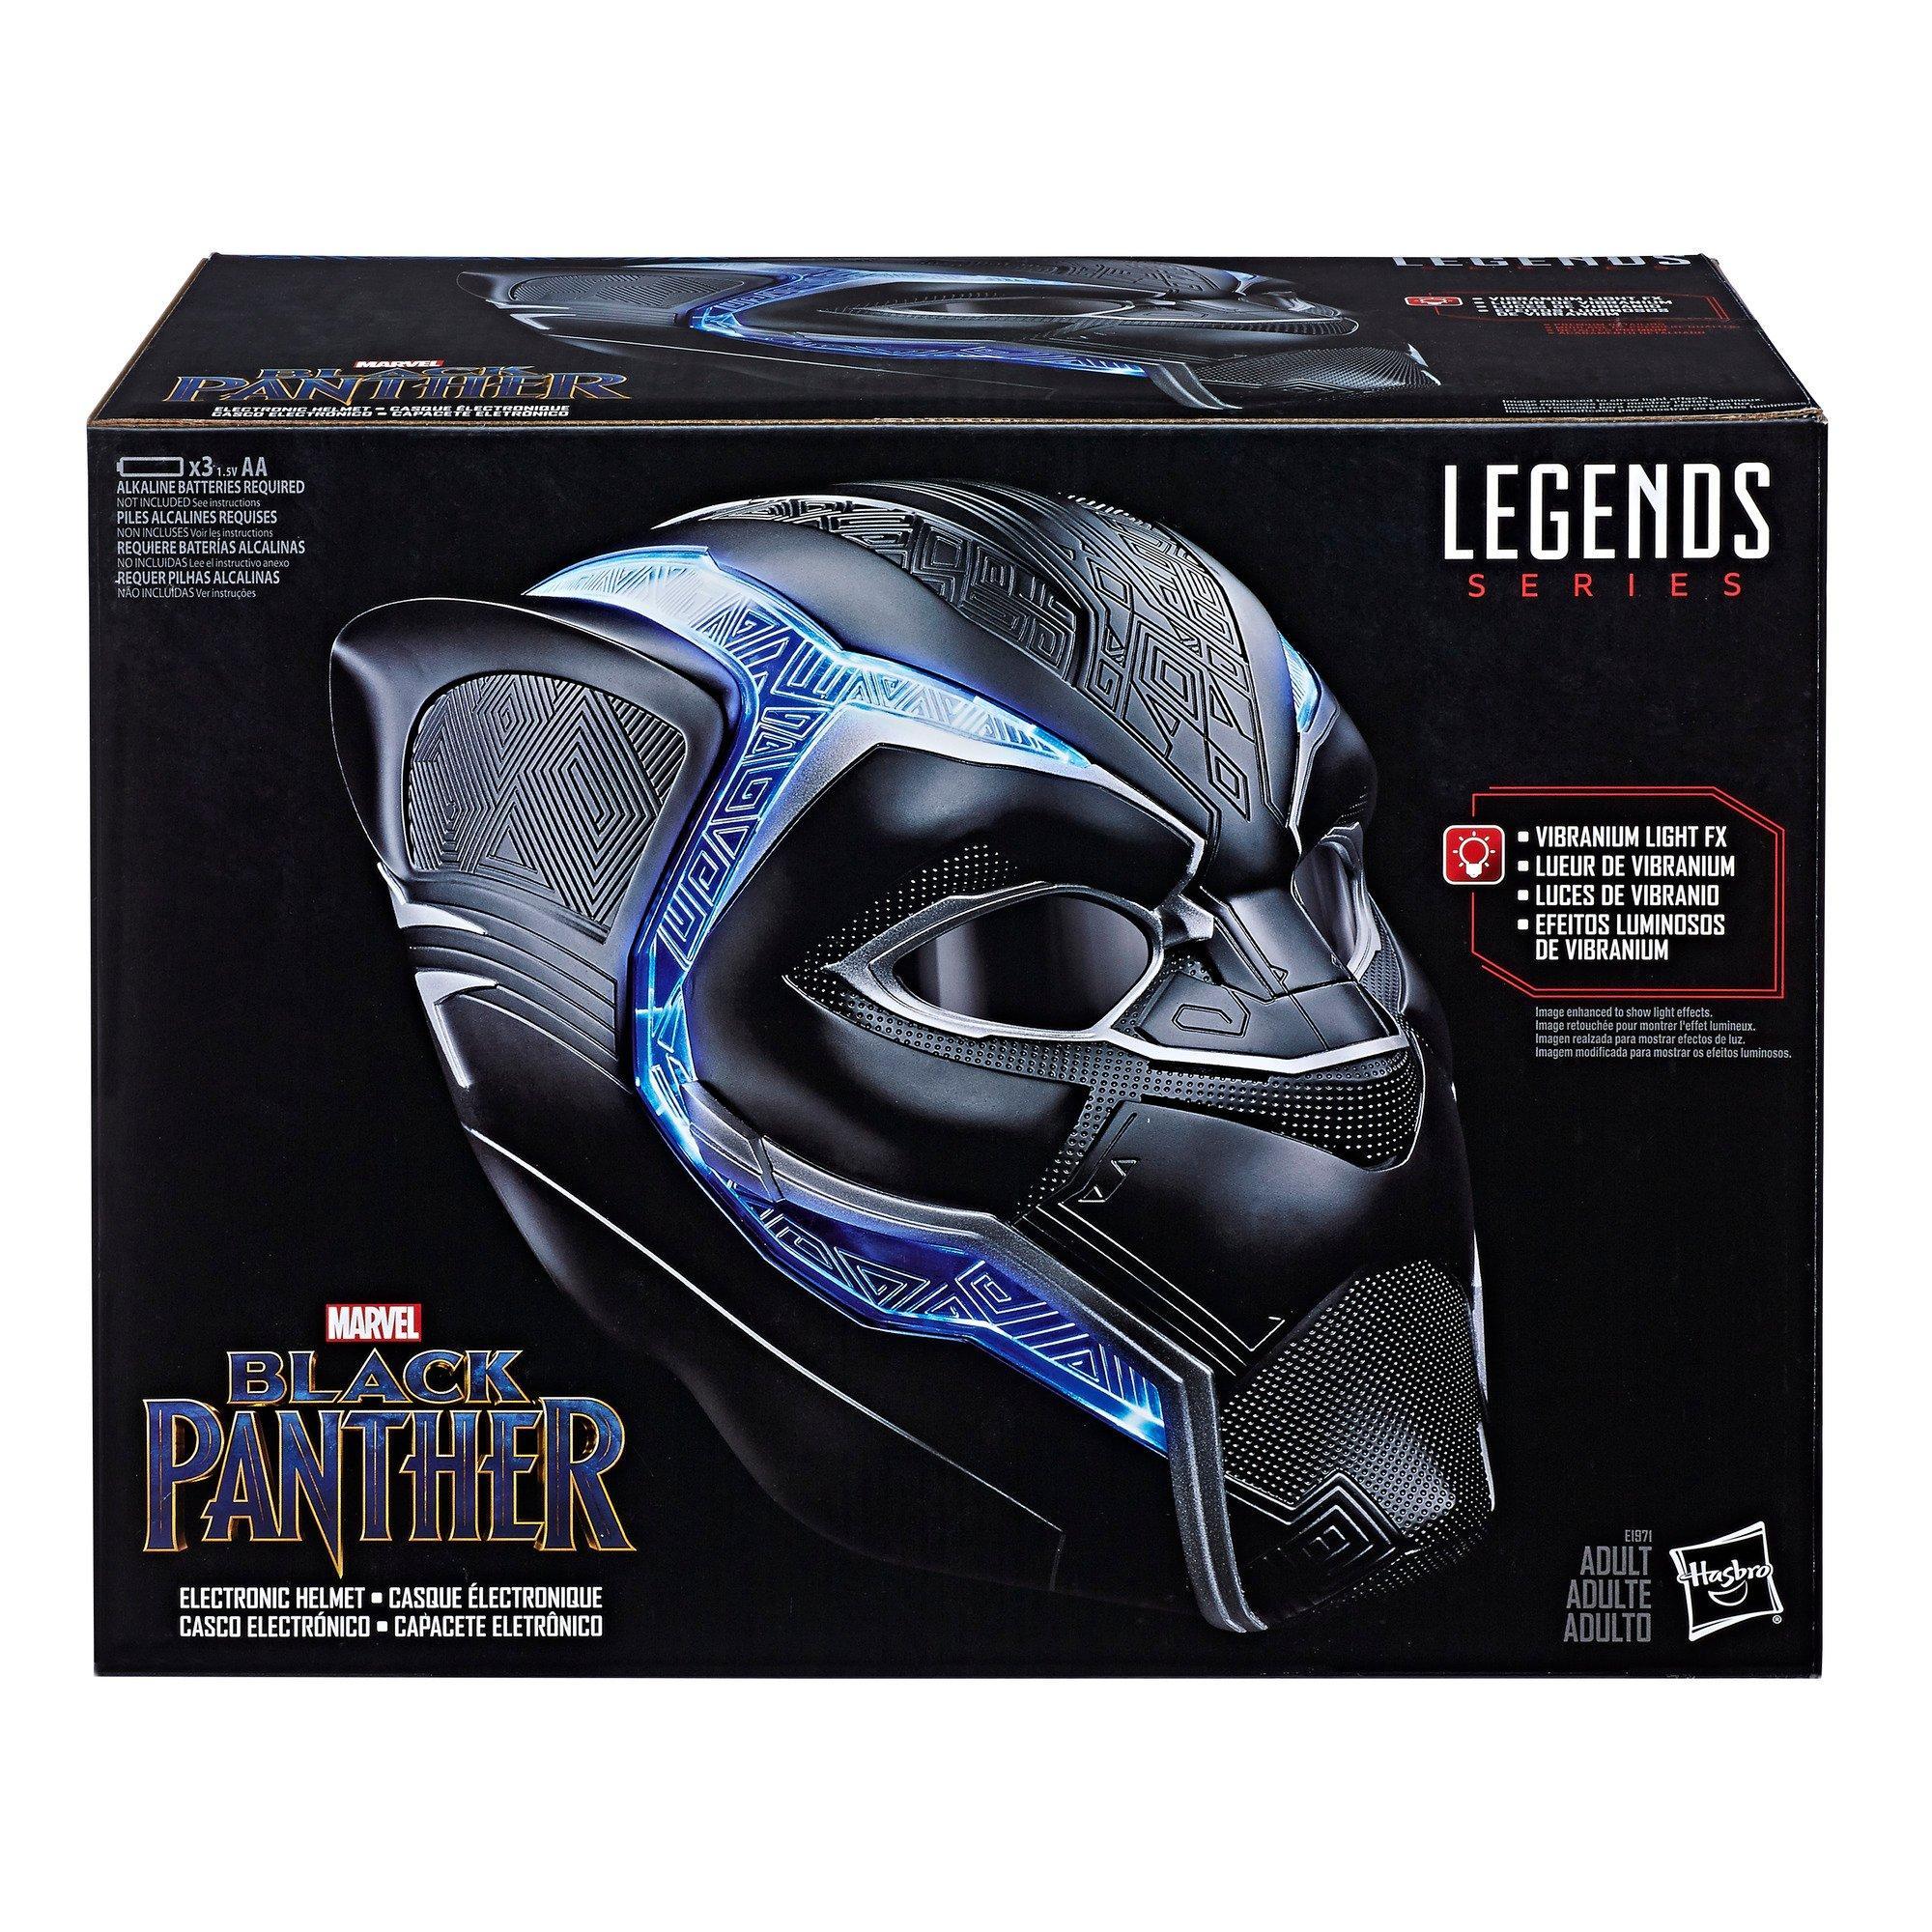 Marvel Legends Black Panther Electronic Helmet NEW